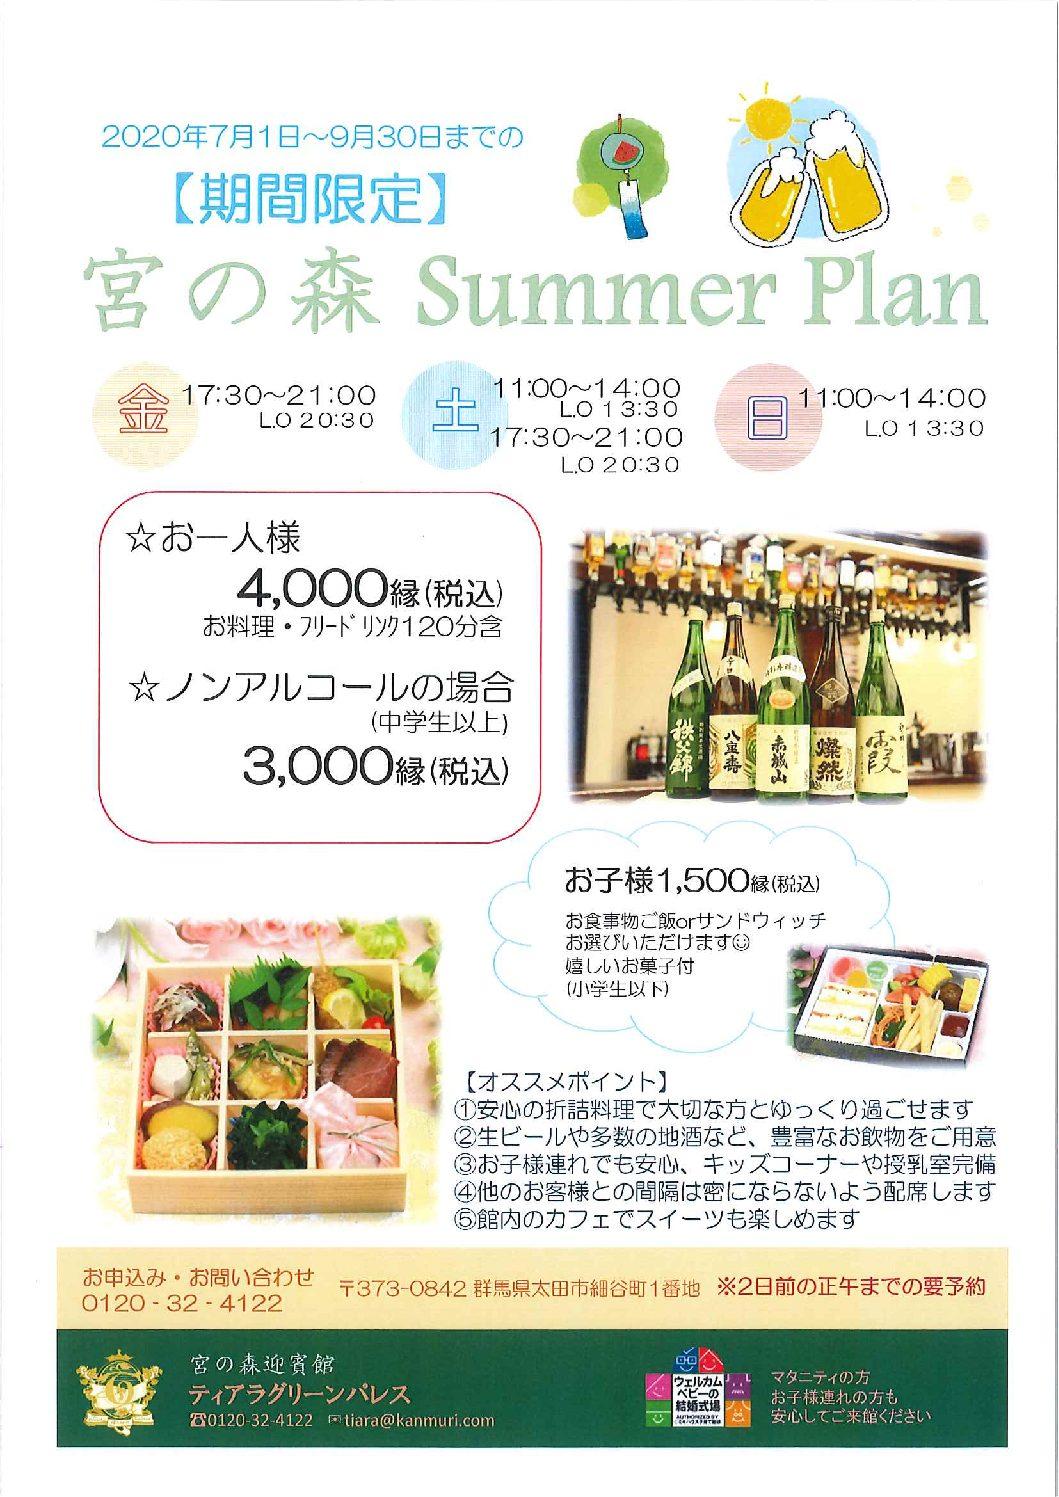 期間限定!宮の森Summerプランをご紹介します♪お得に美味しく楽しめますよ(^^)